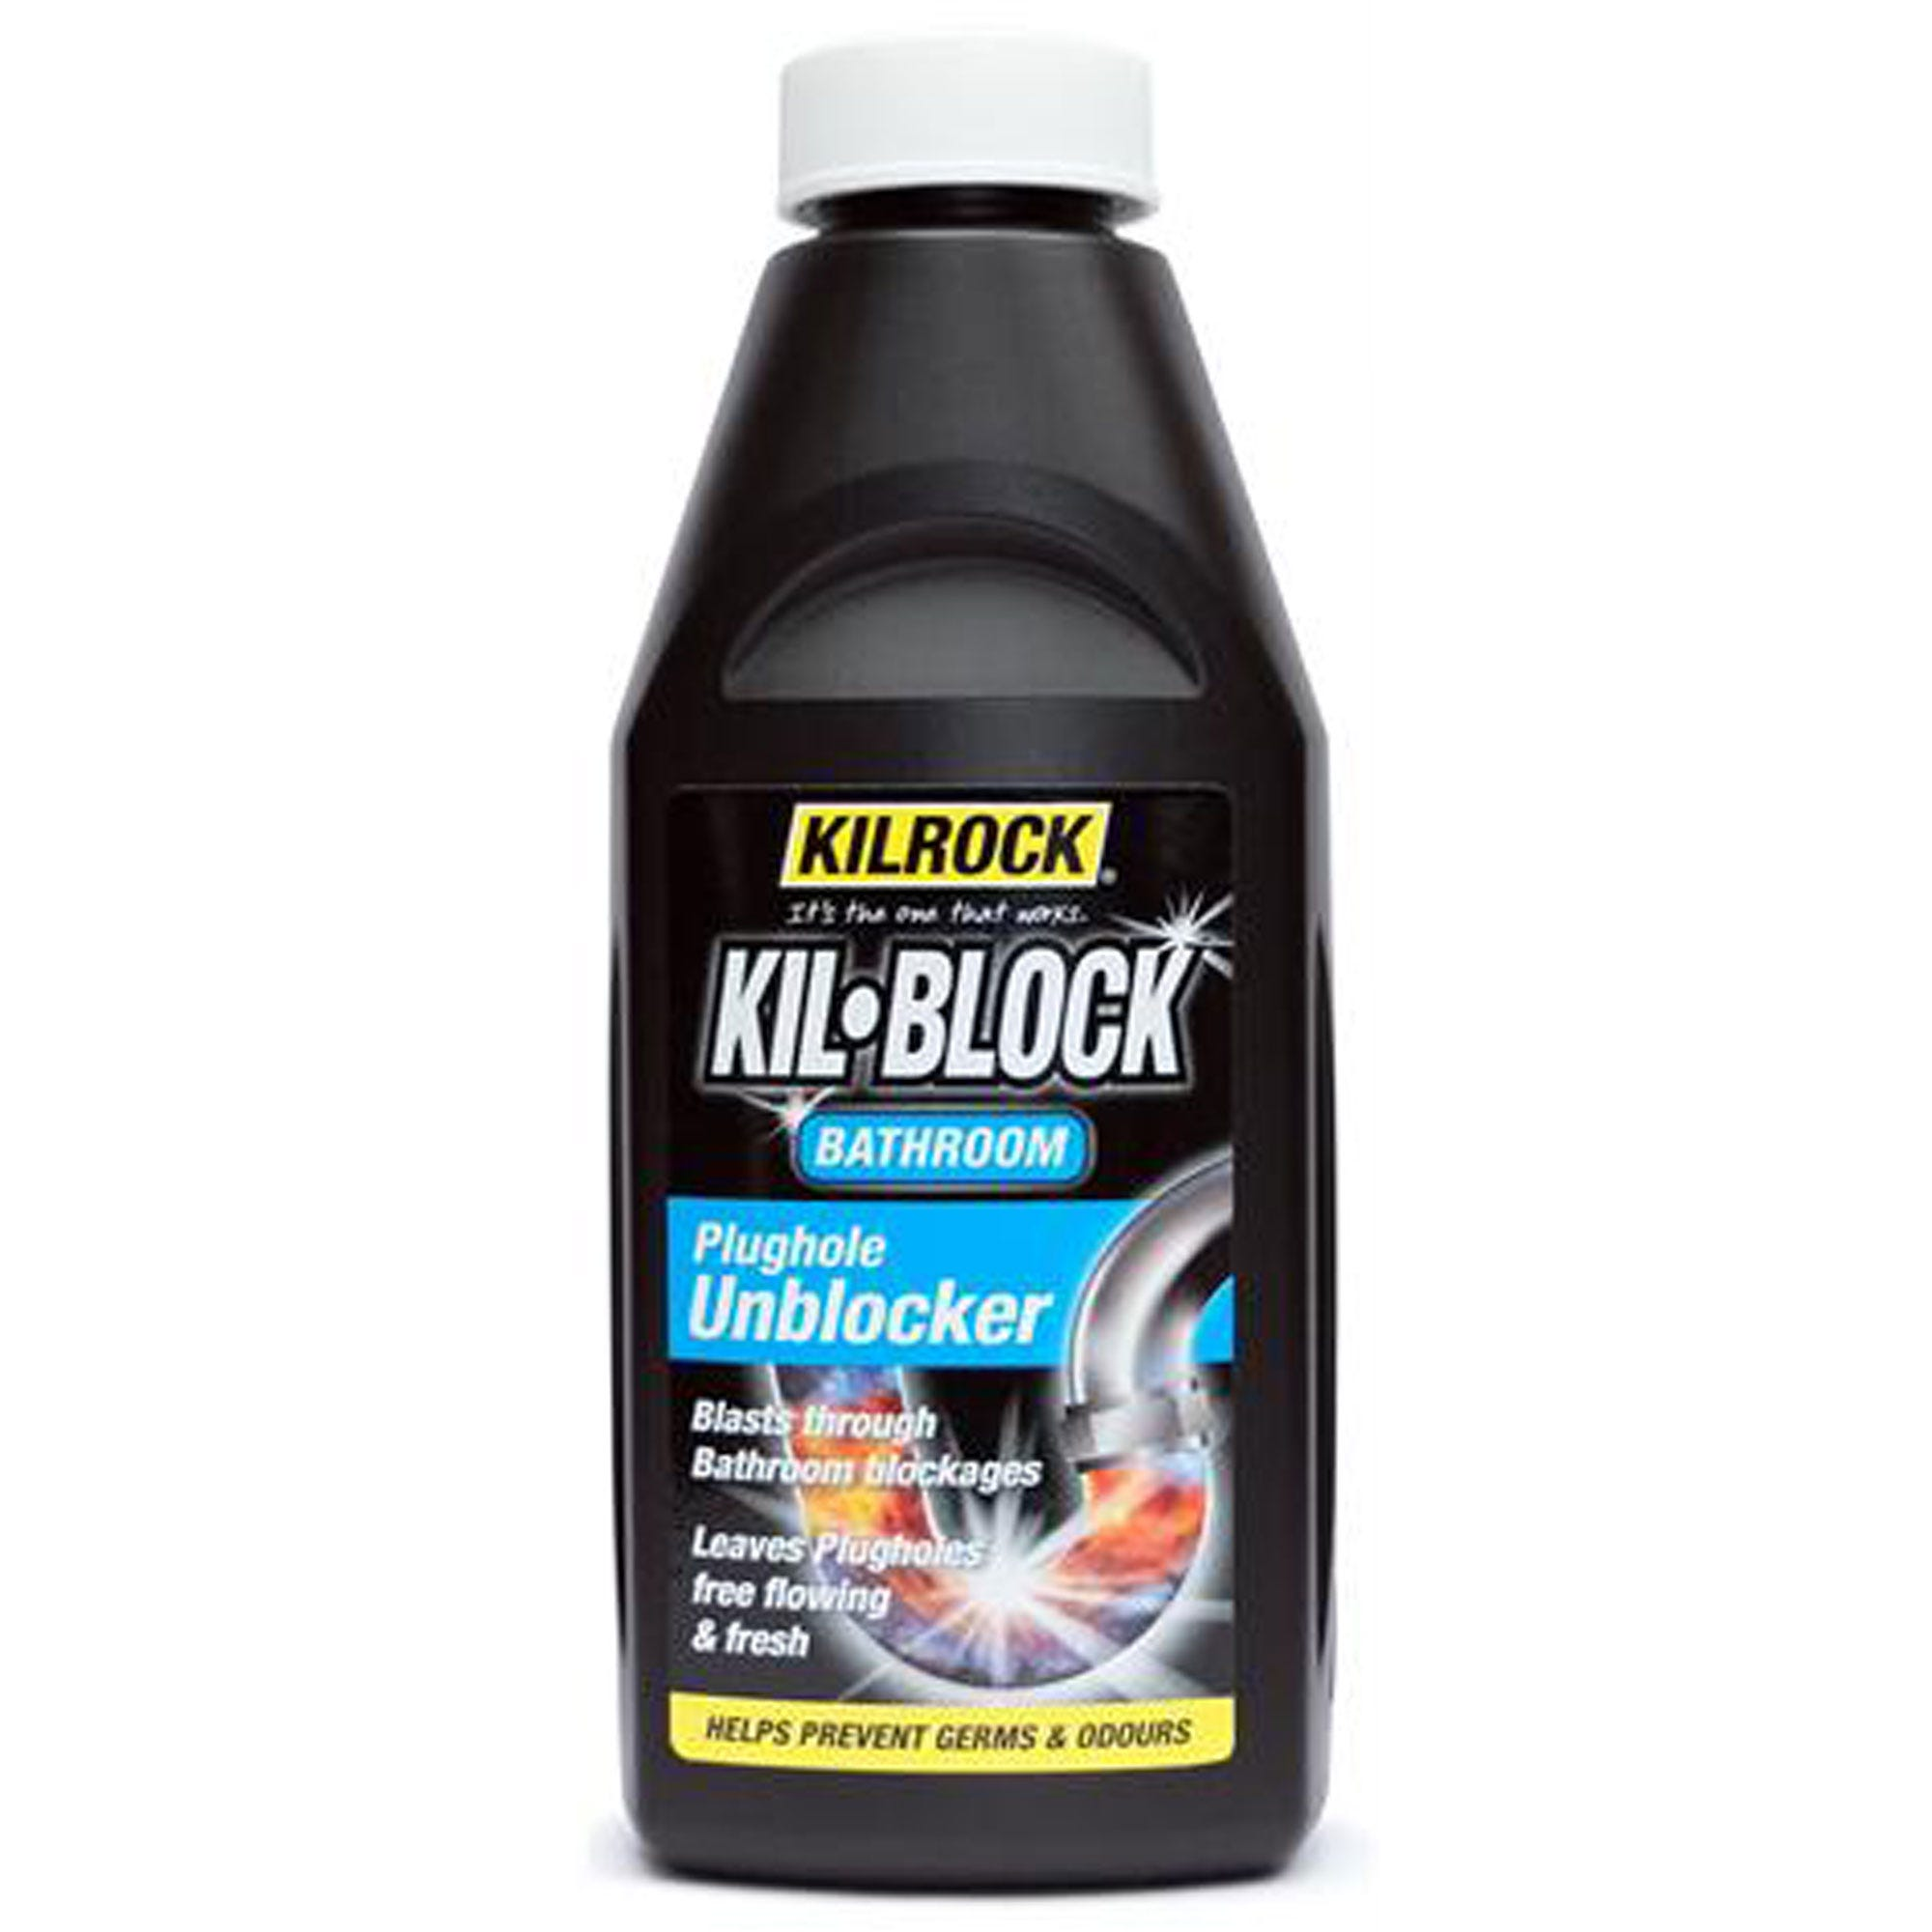 Image of Kil-Block Bathroom Plughole Unblocker – 500ml